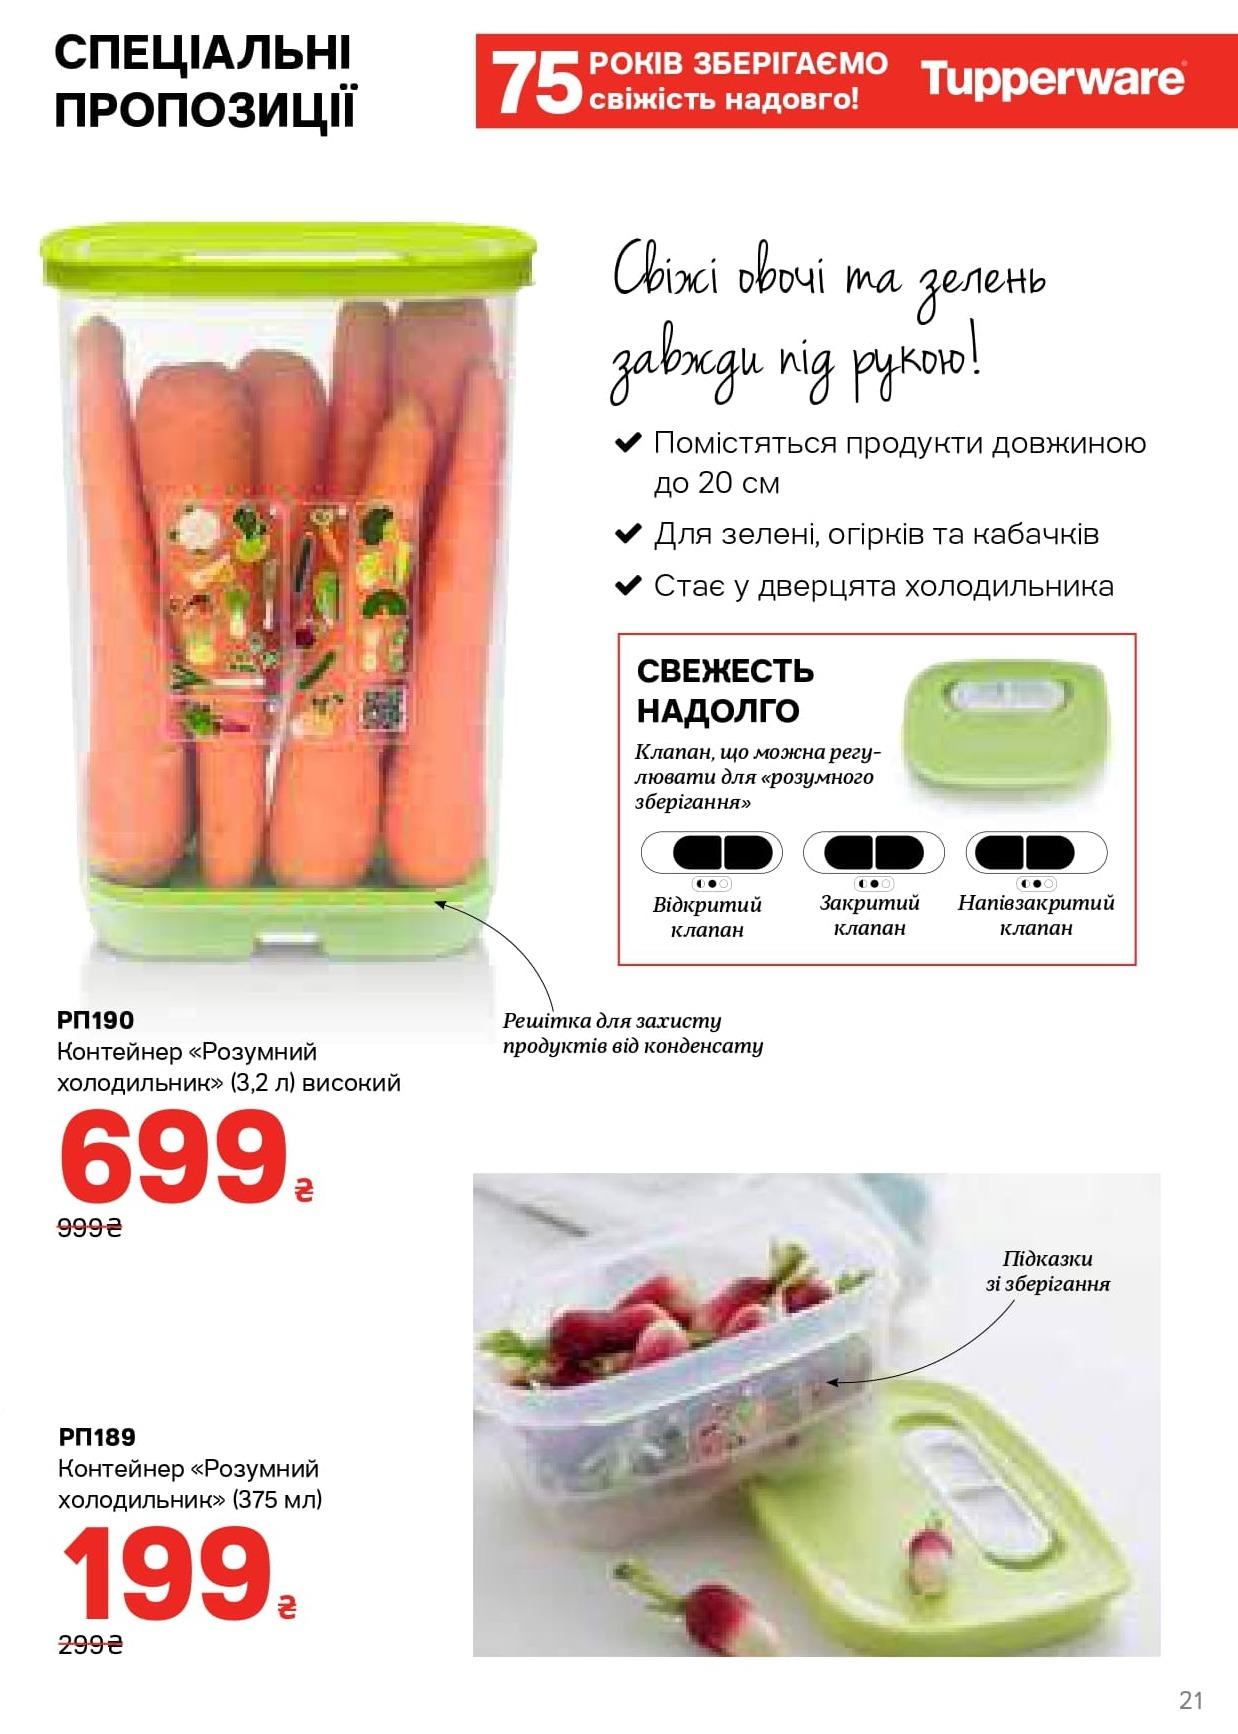 Контейнер умный холодильник Tupperware для зелени , скидка 30%.